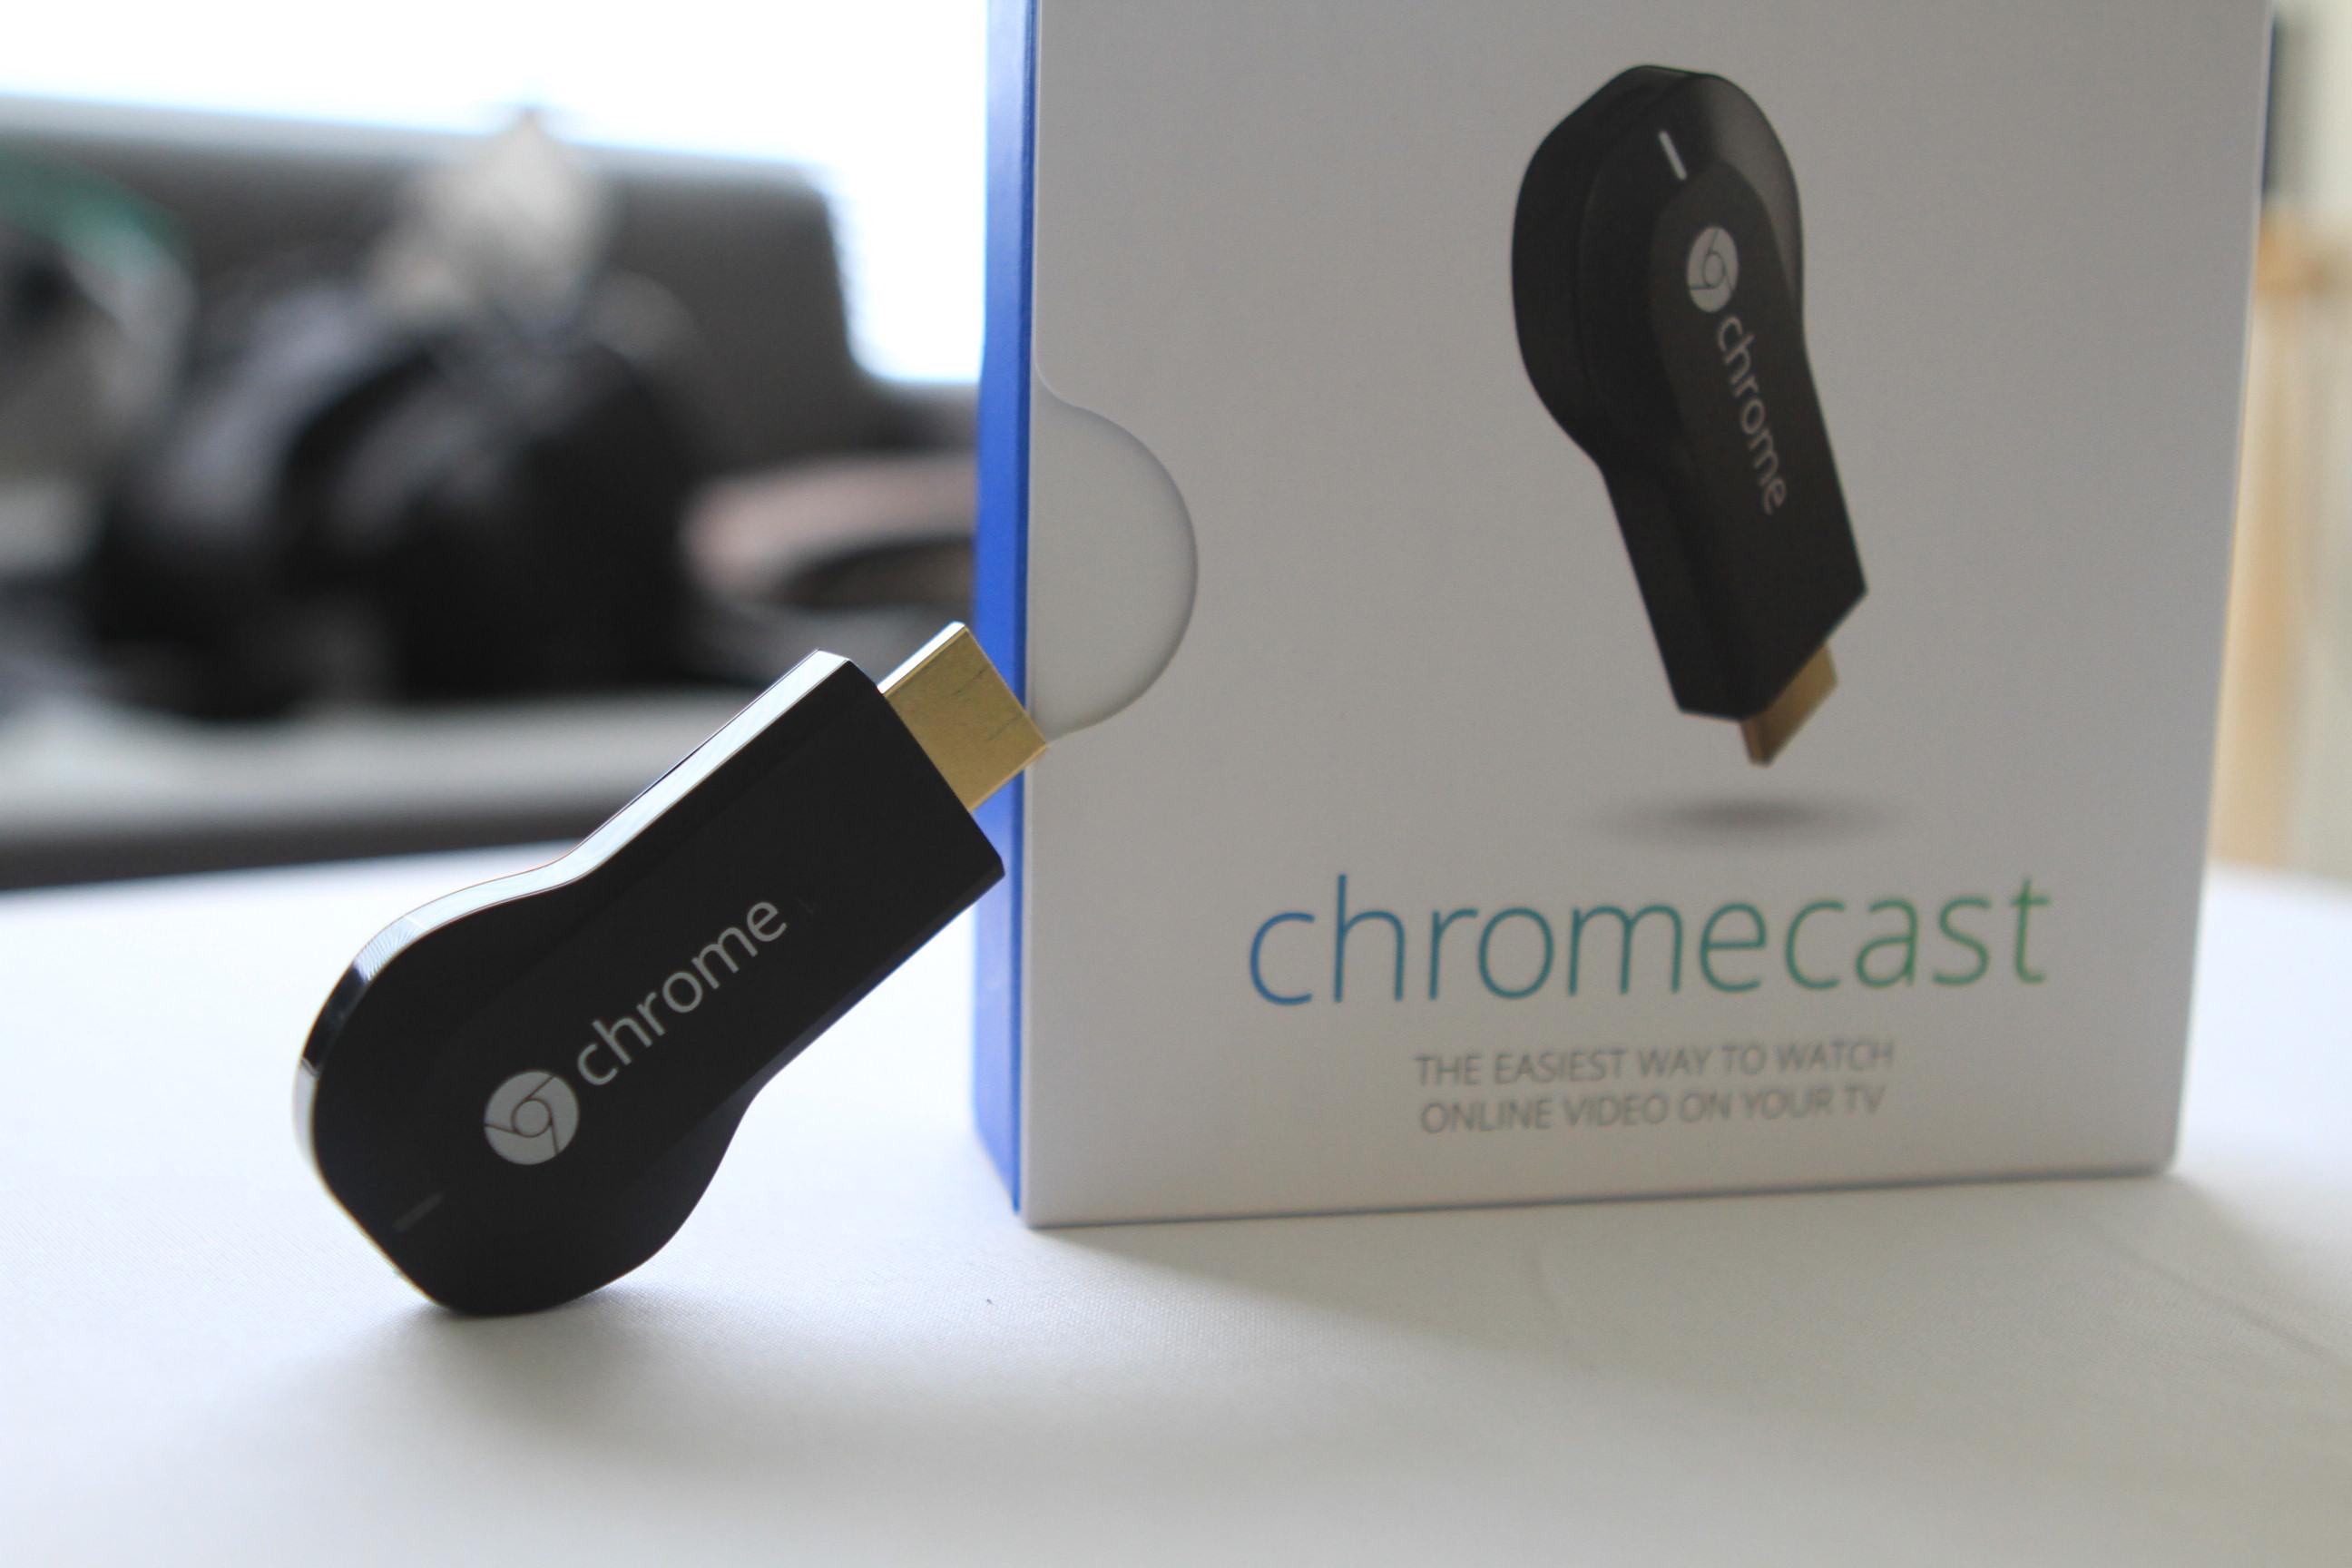 chromecast y caja